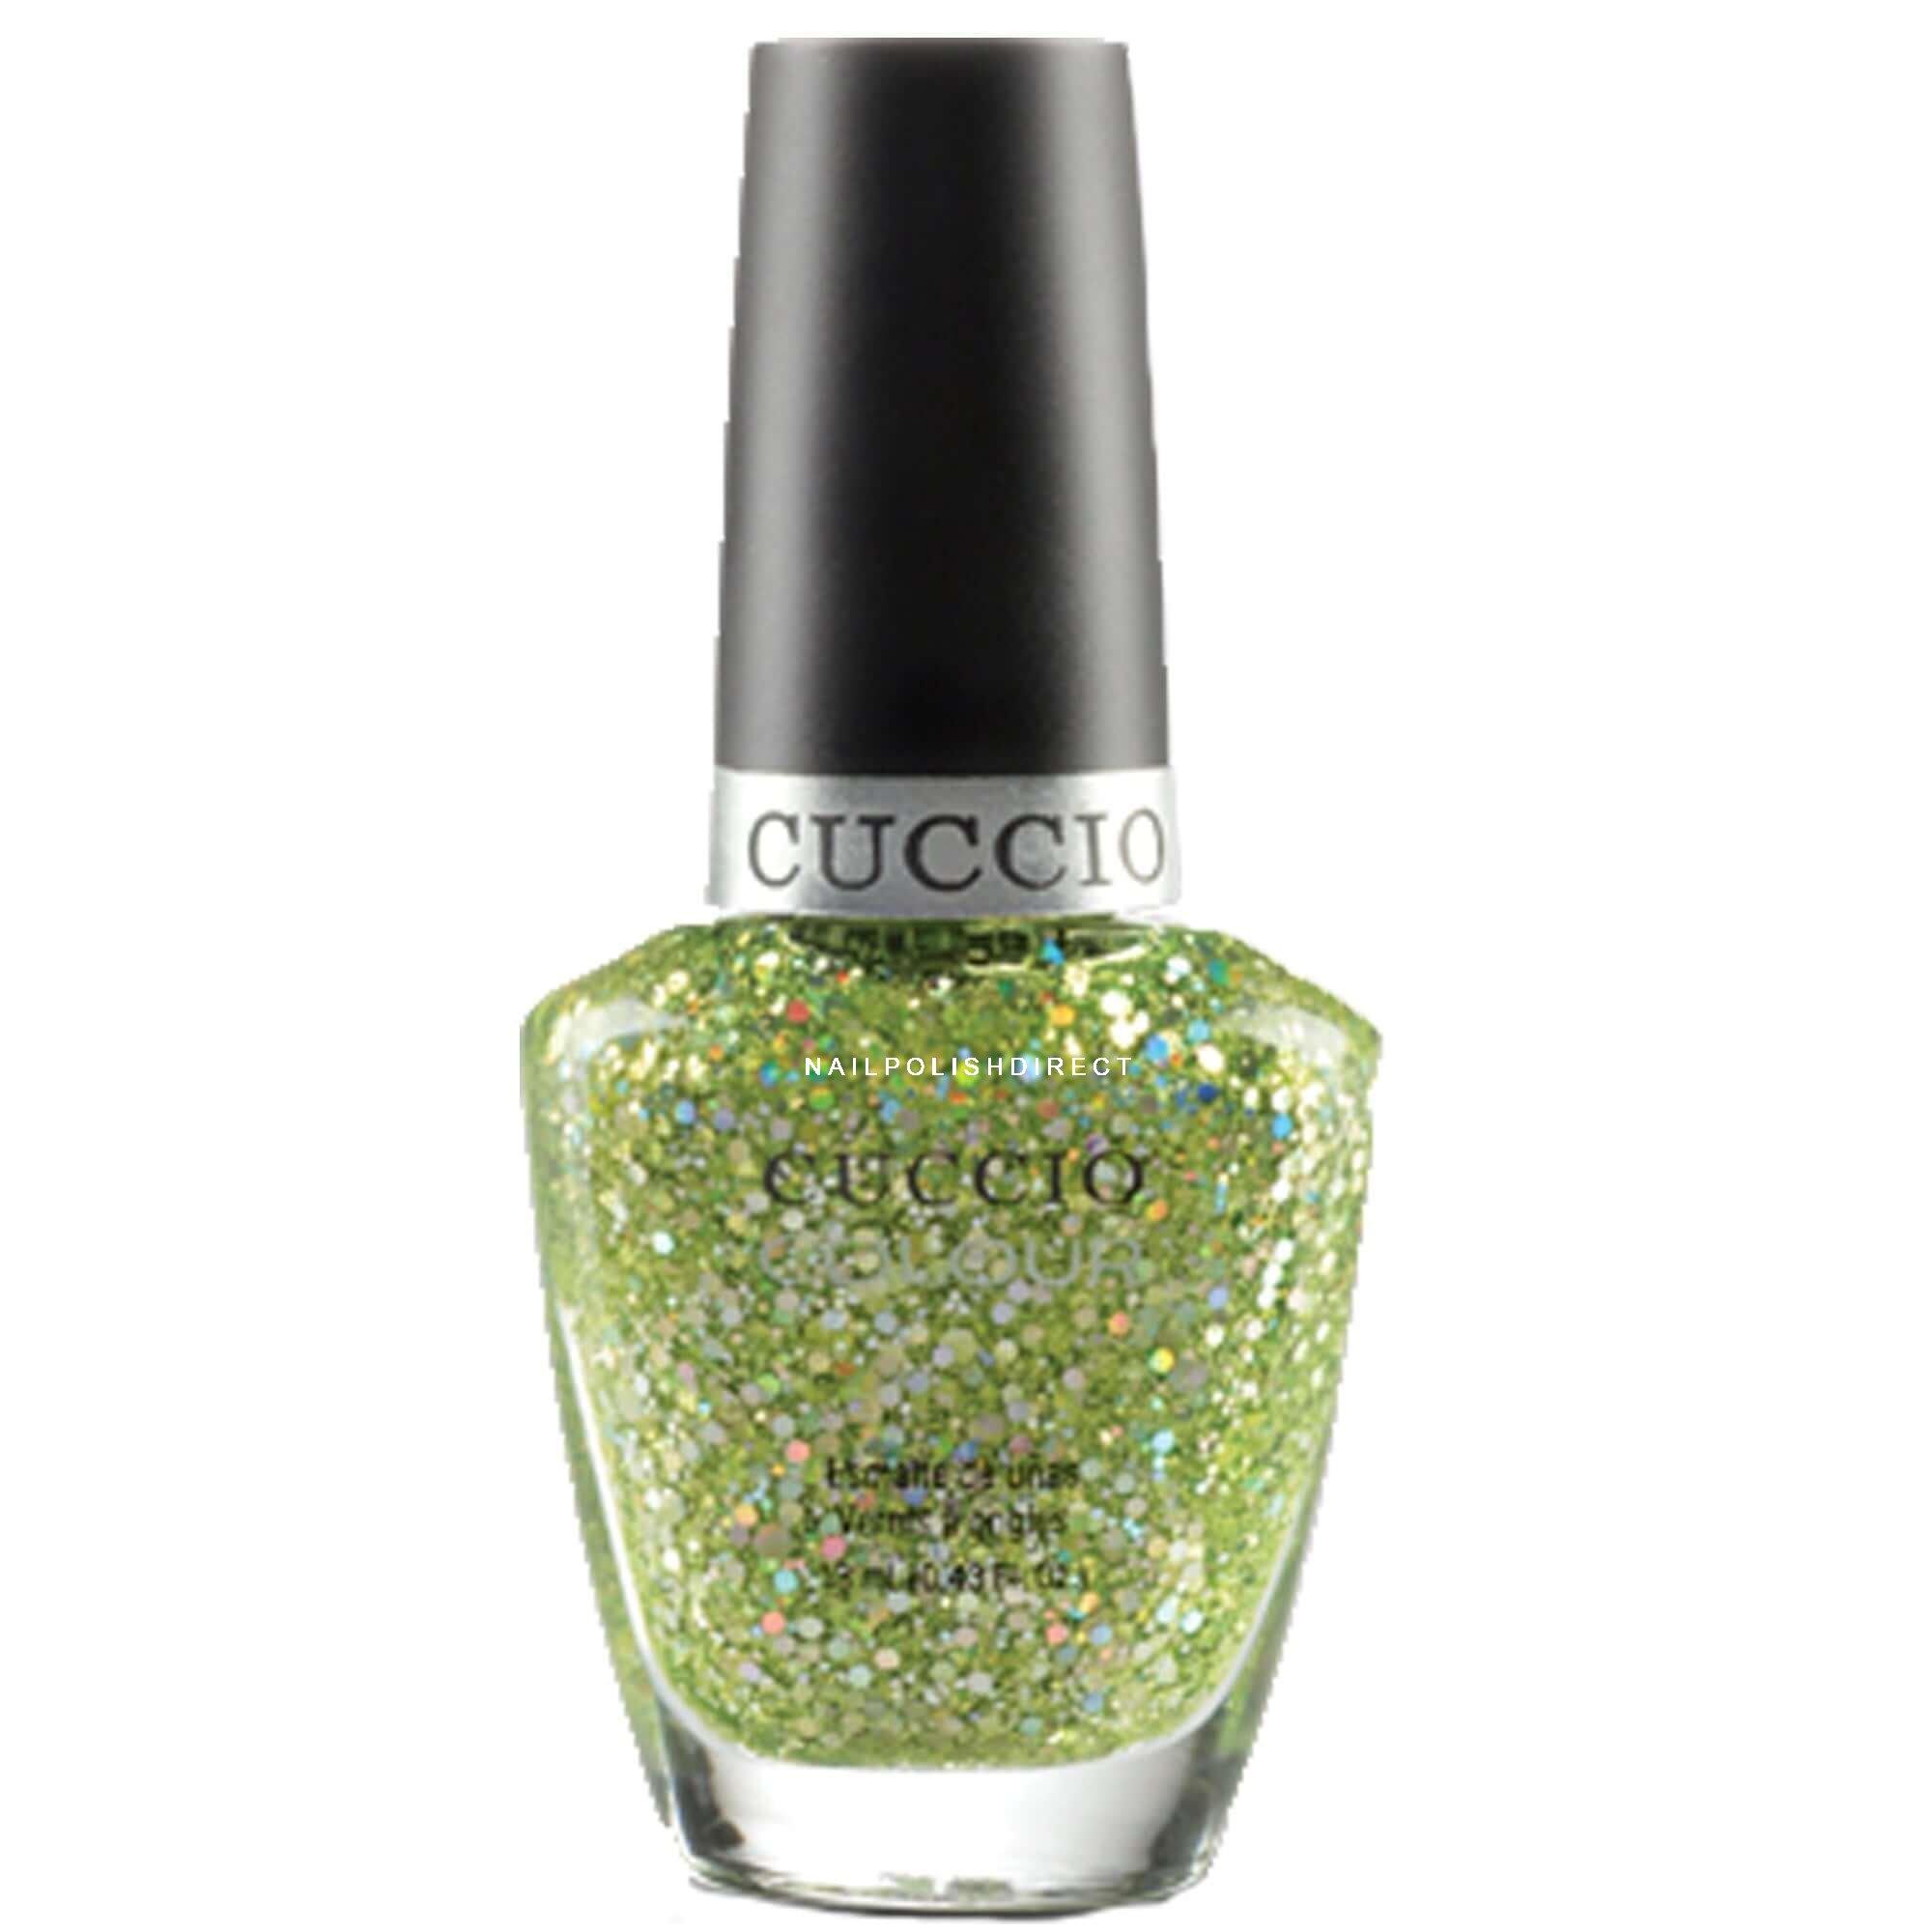 Cuccio Nail Polish Glitter - To Bend Light